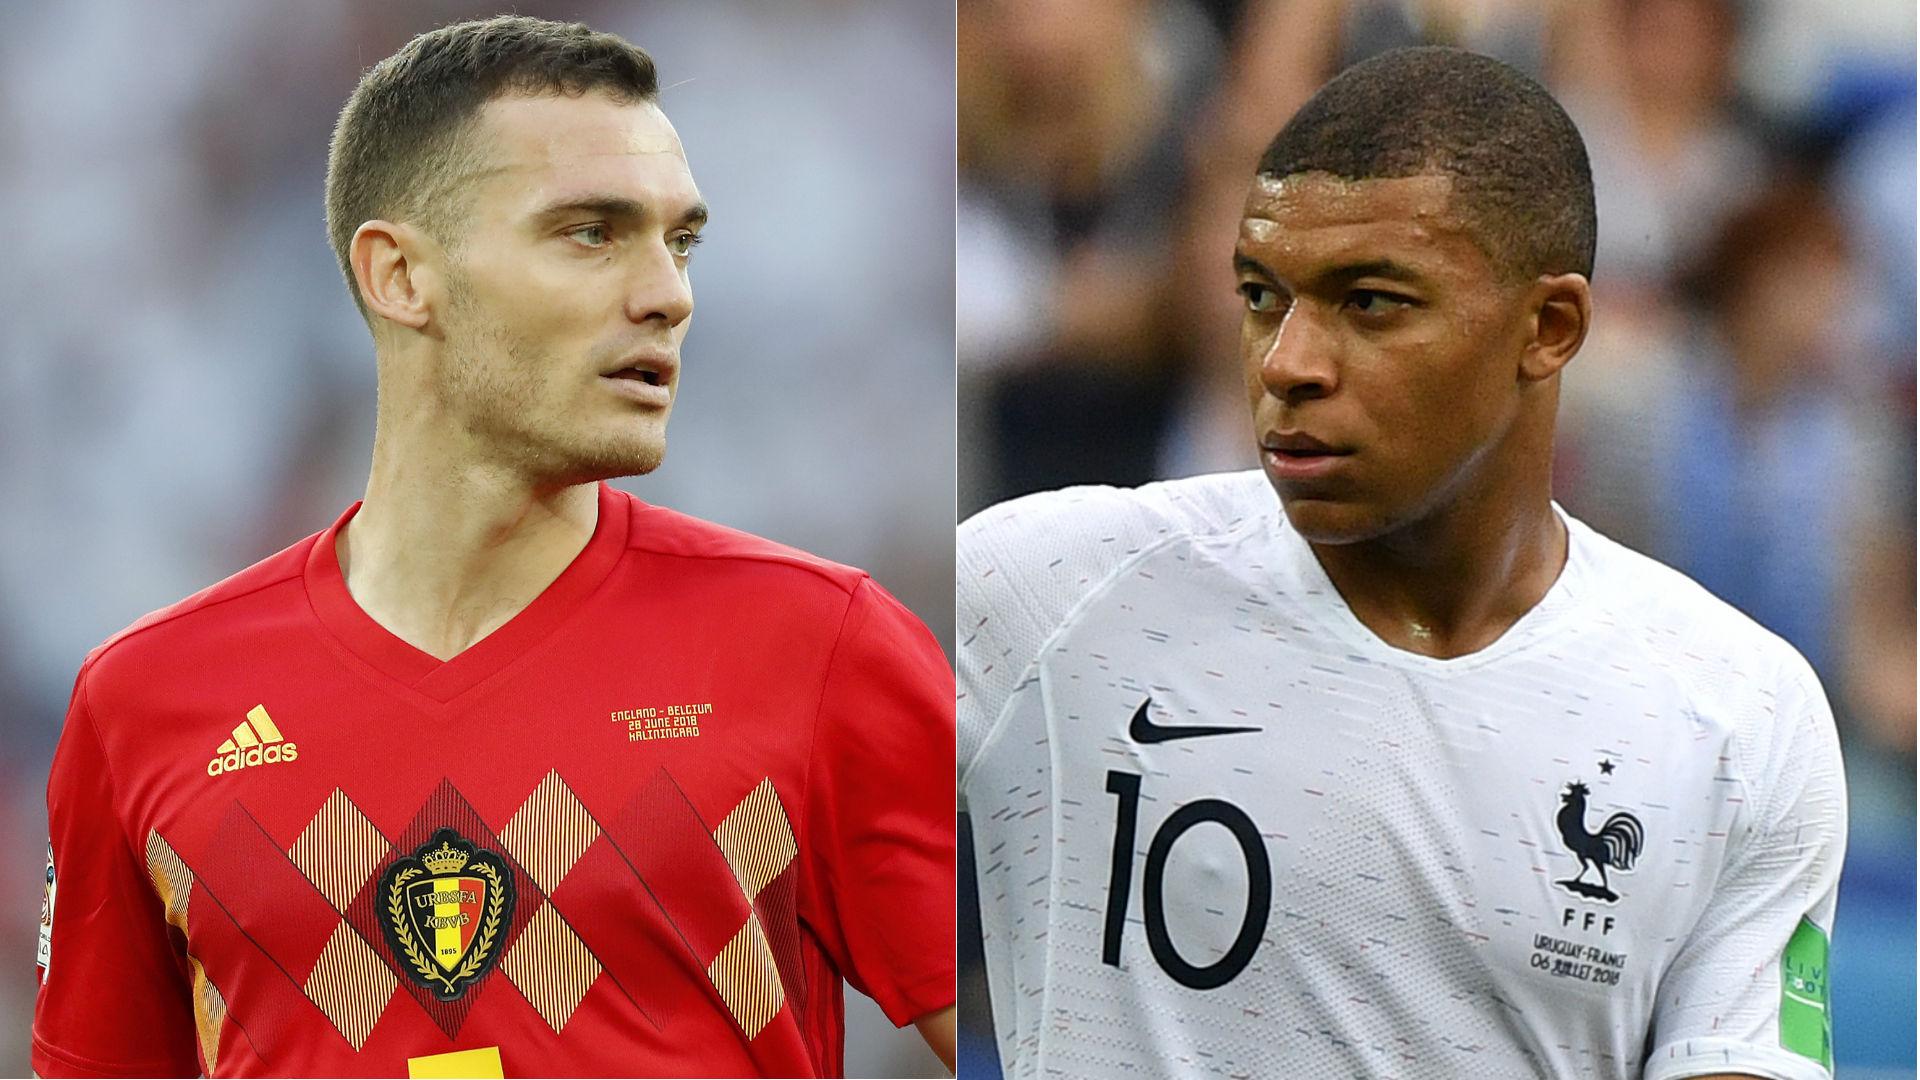 ベルギー代表DF、19歳ムバッペを褒めちぎり「フランス最高の選手」「試合を一瞬で決められる」